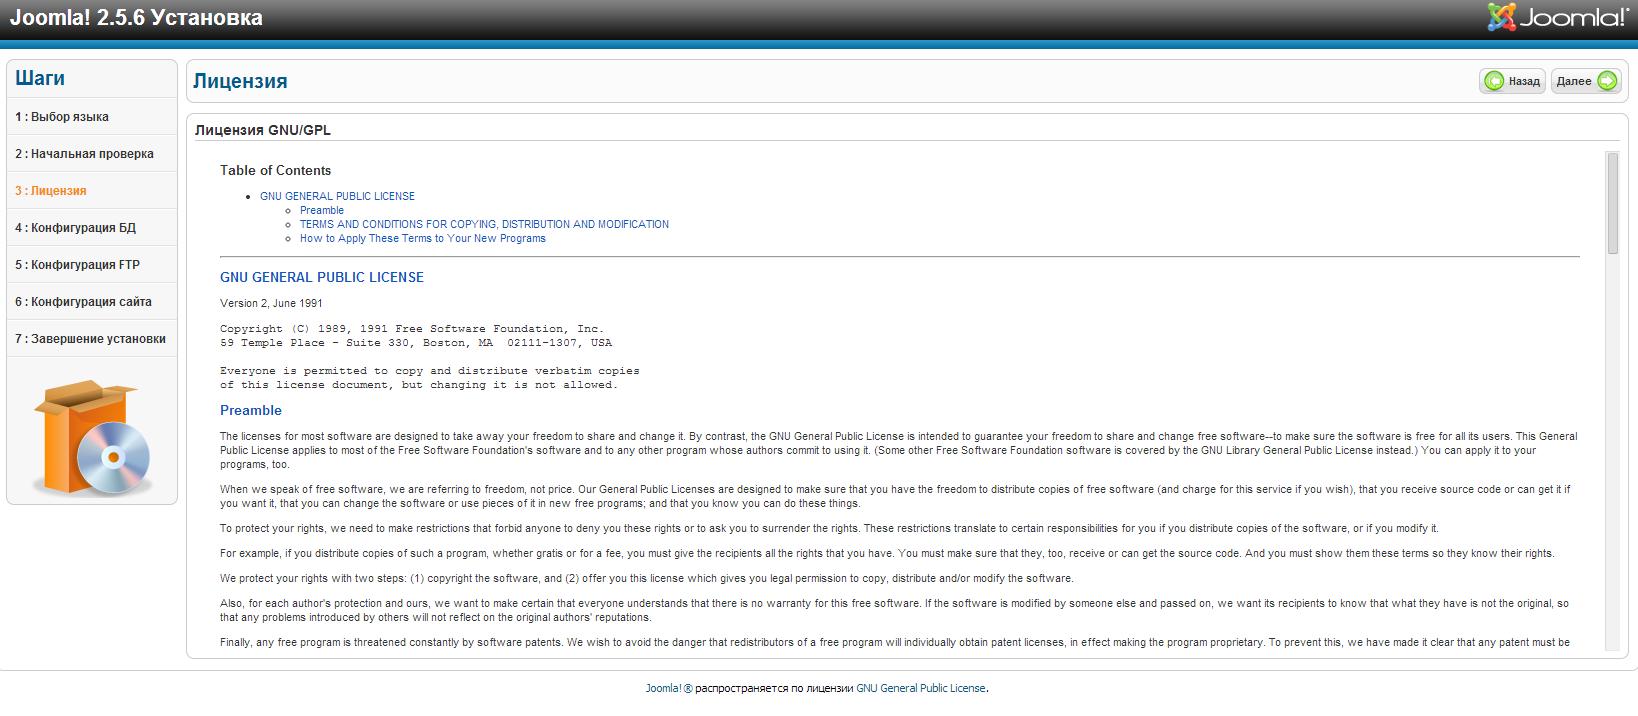 Свободная лицензия Joomla